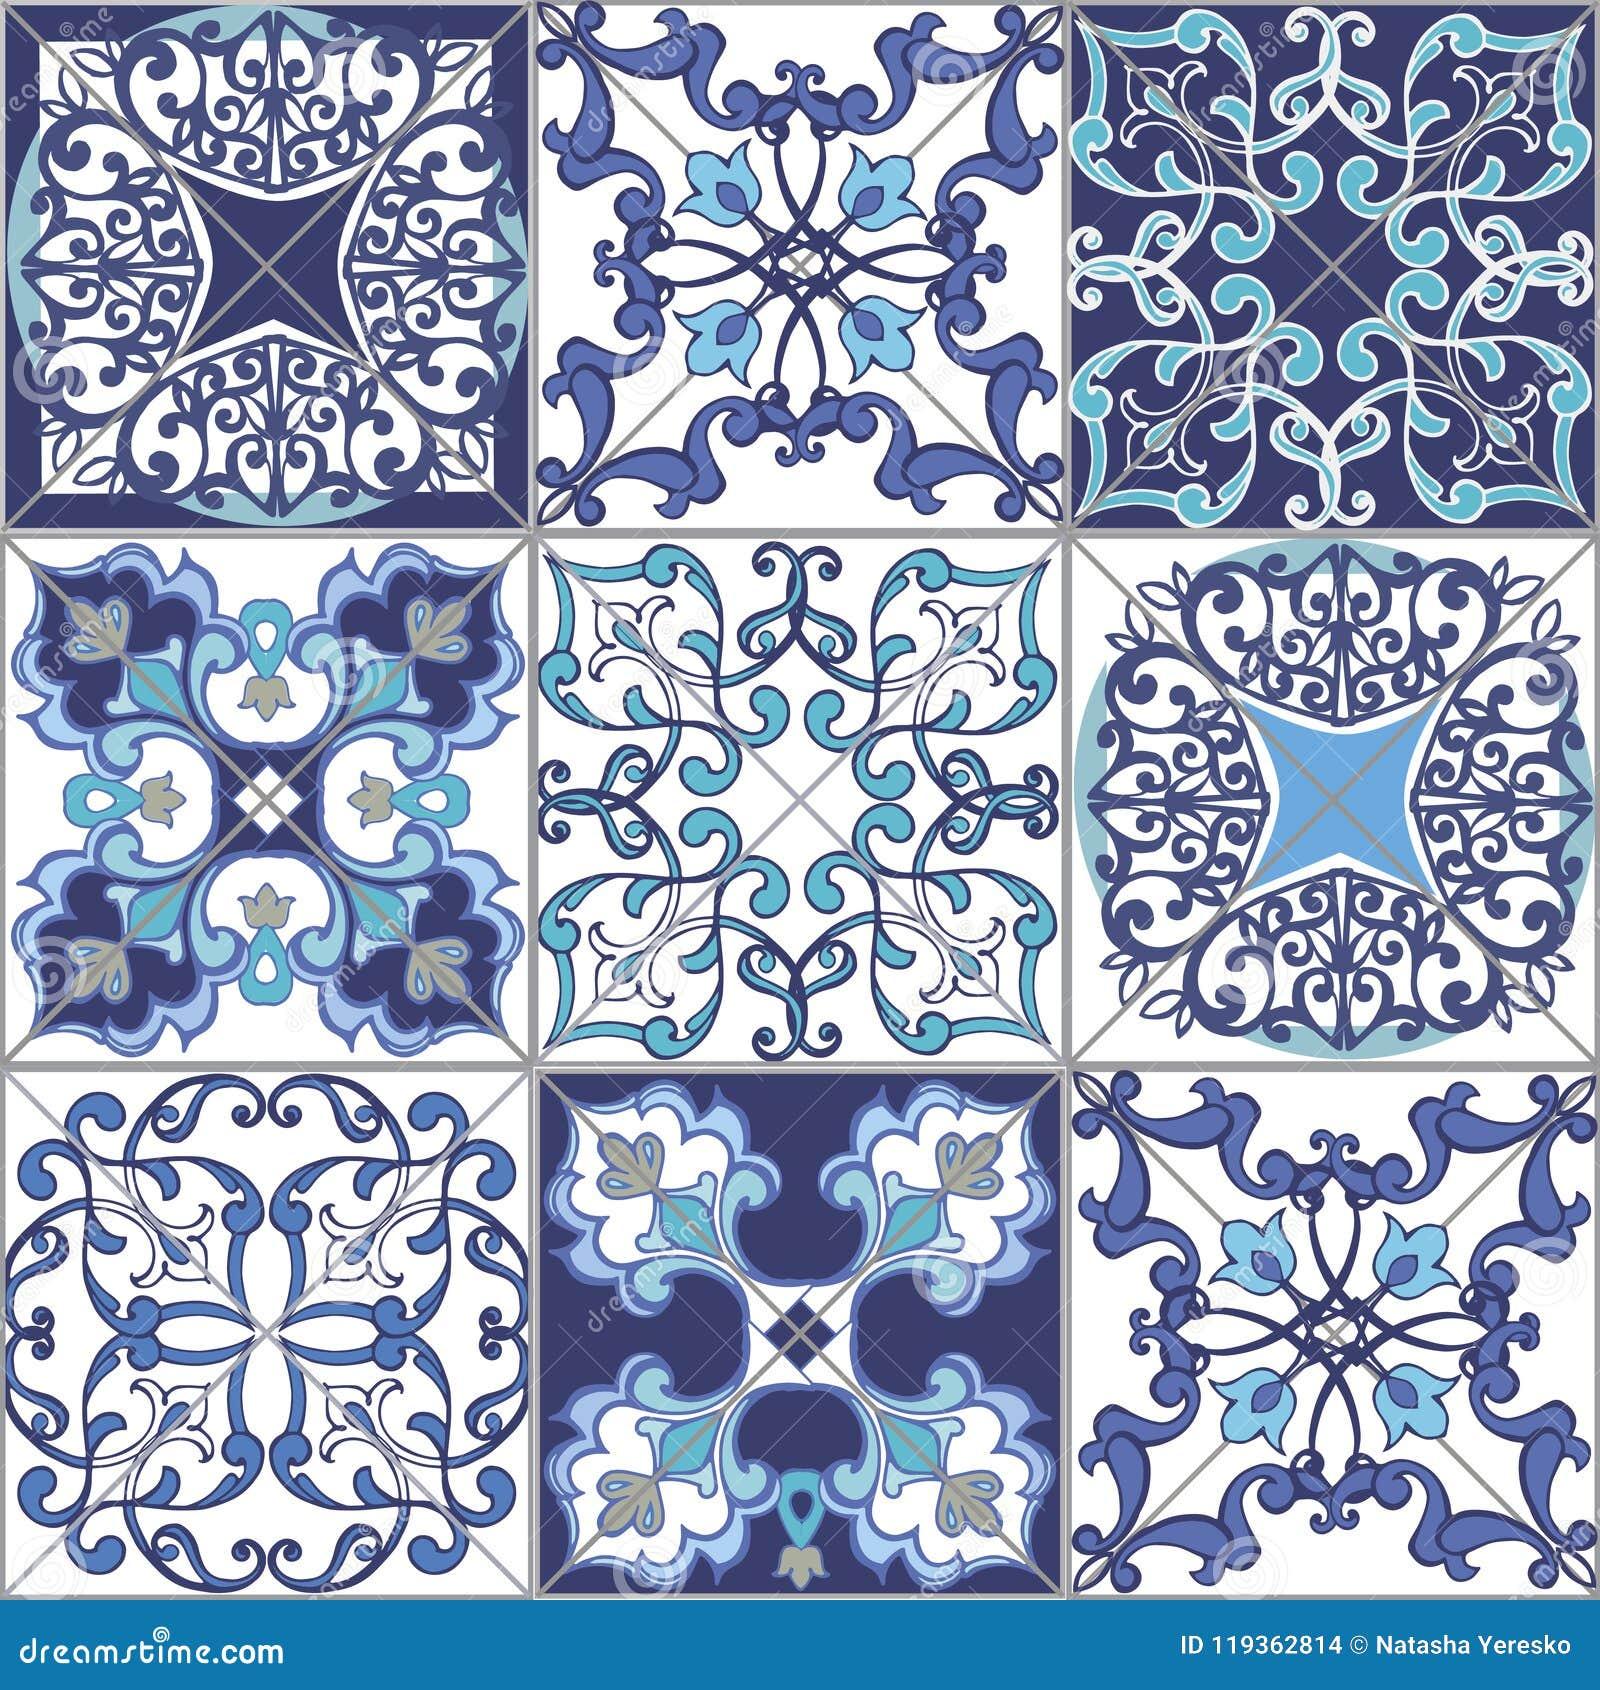 Άνευ ραφής κεραμίδια σχεδίων προσθηκών συλλογής από το Μαρόκο, Πορτογαλία στα μπλε χρώματα